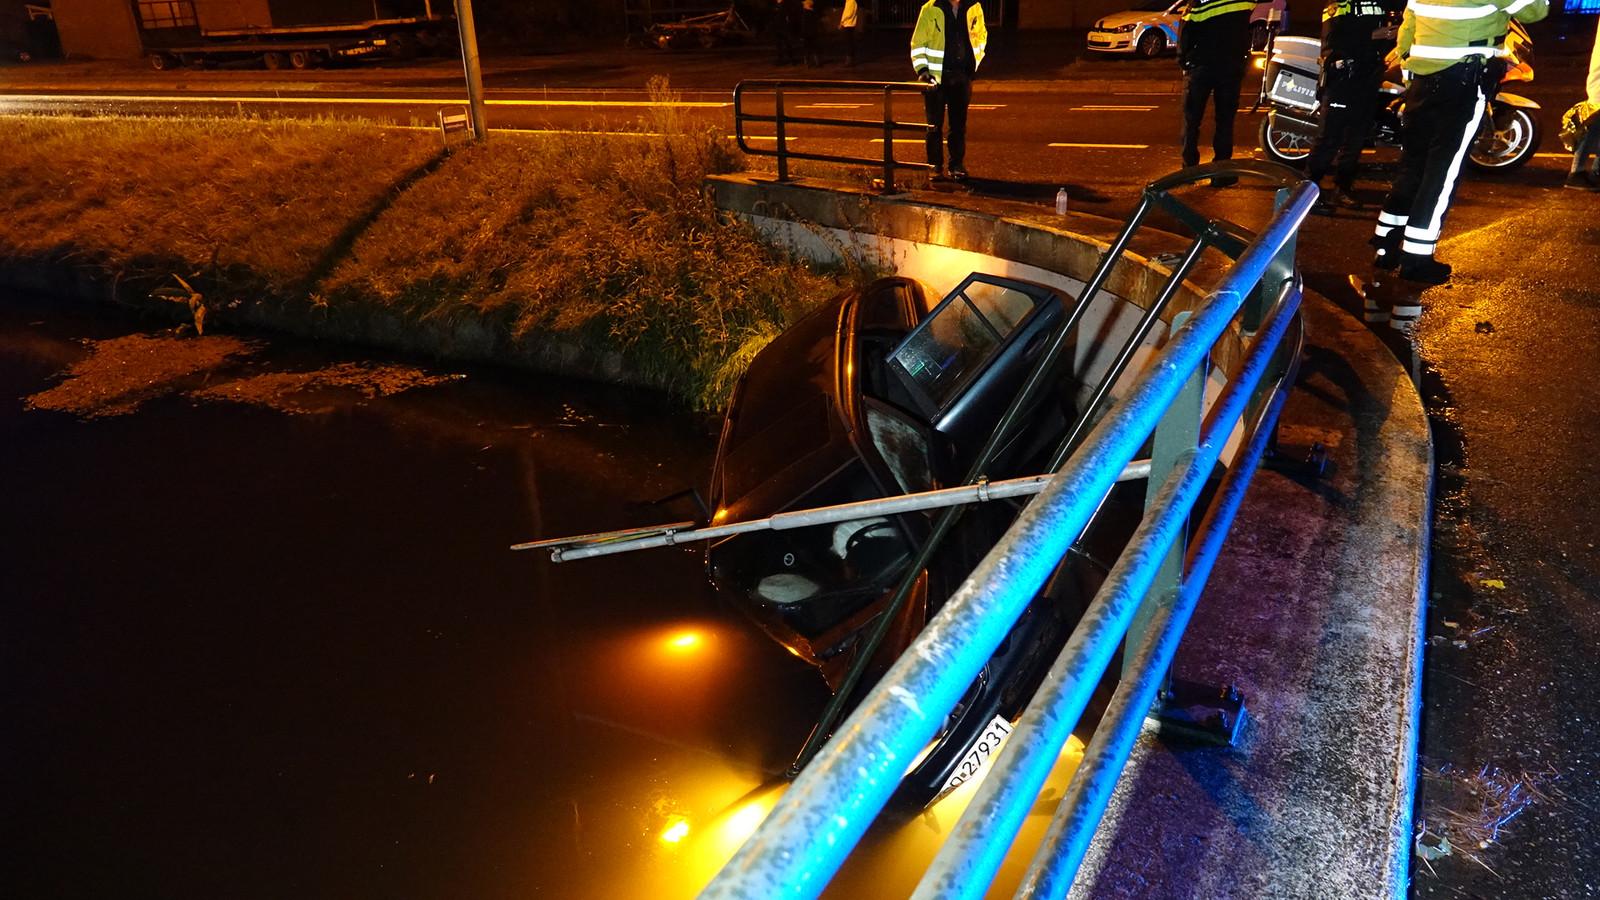 De auto viel enkele meters naar beneden en belandde in het water.